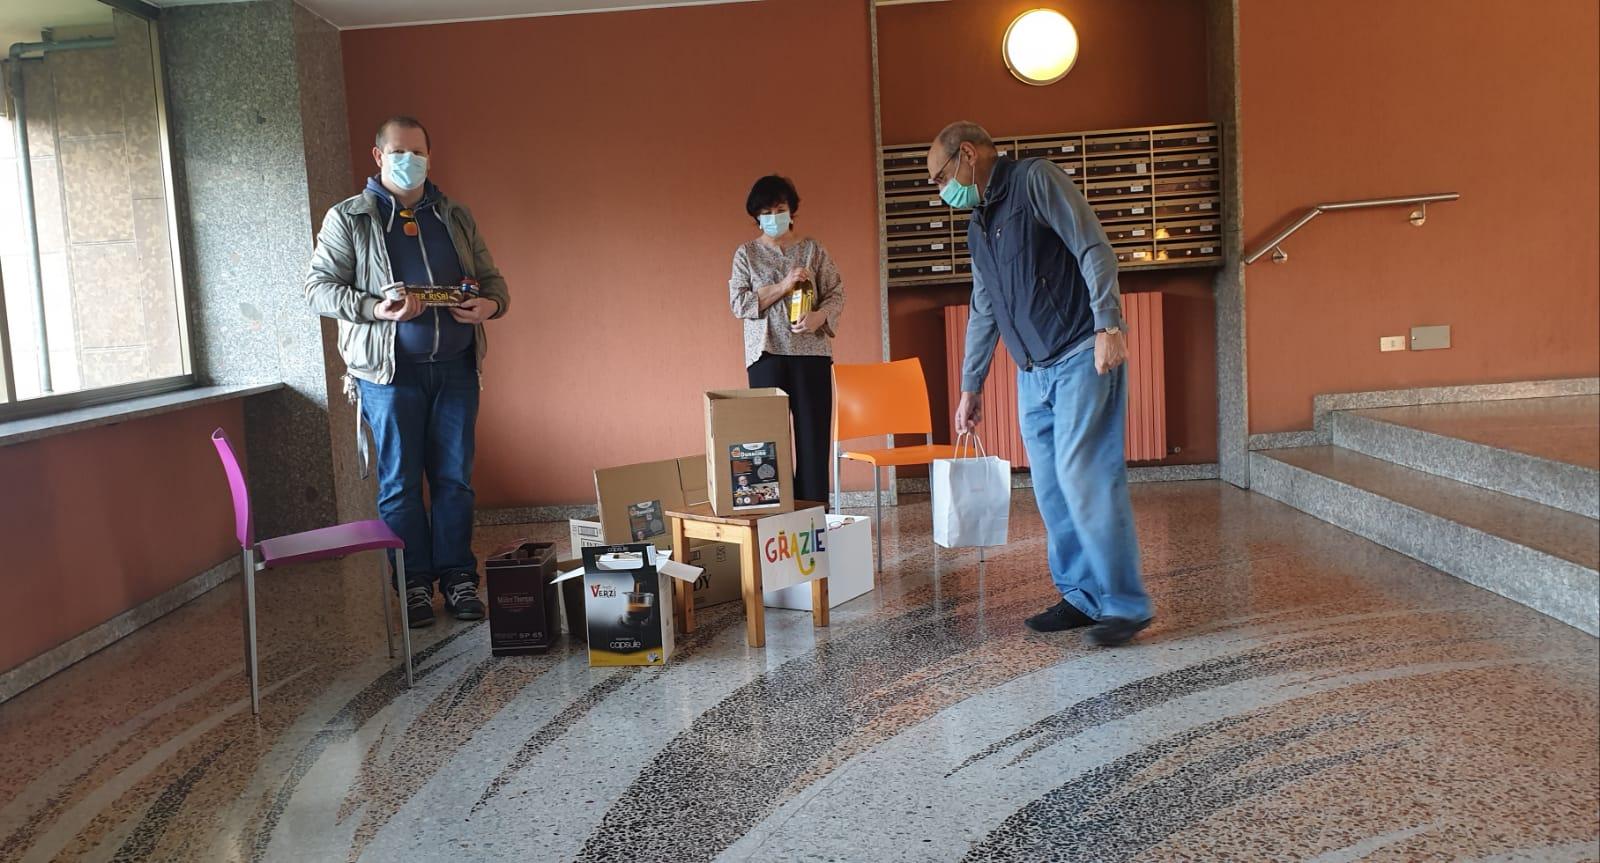 Vincenzo Rinaldi Nova Milanese a meda la solidarietà passa dai condomini - prima monza